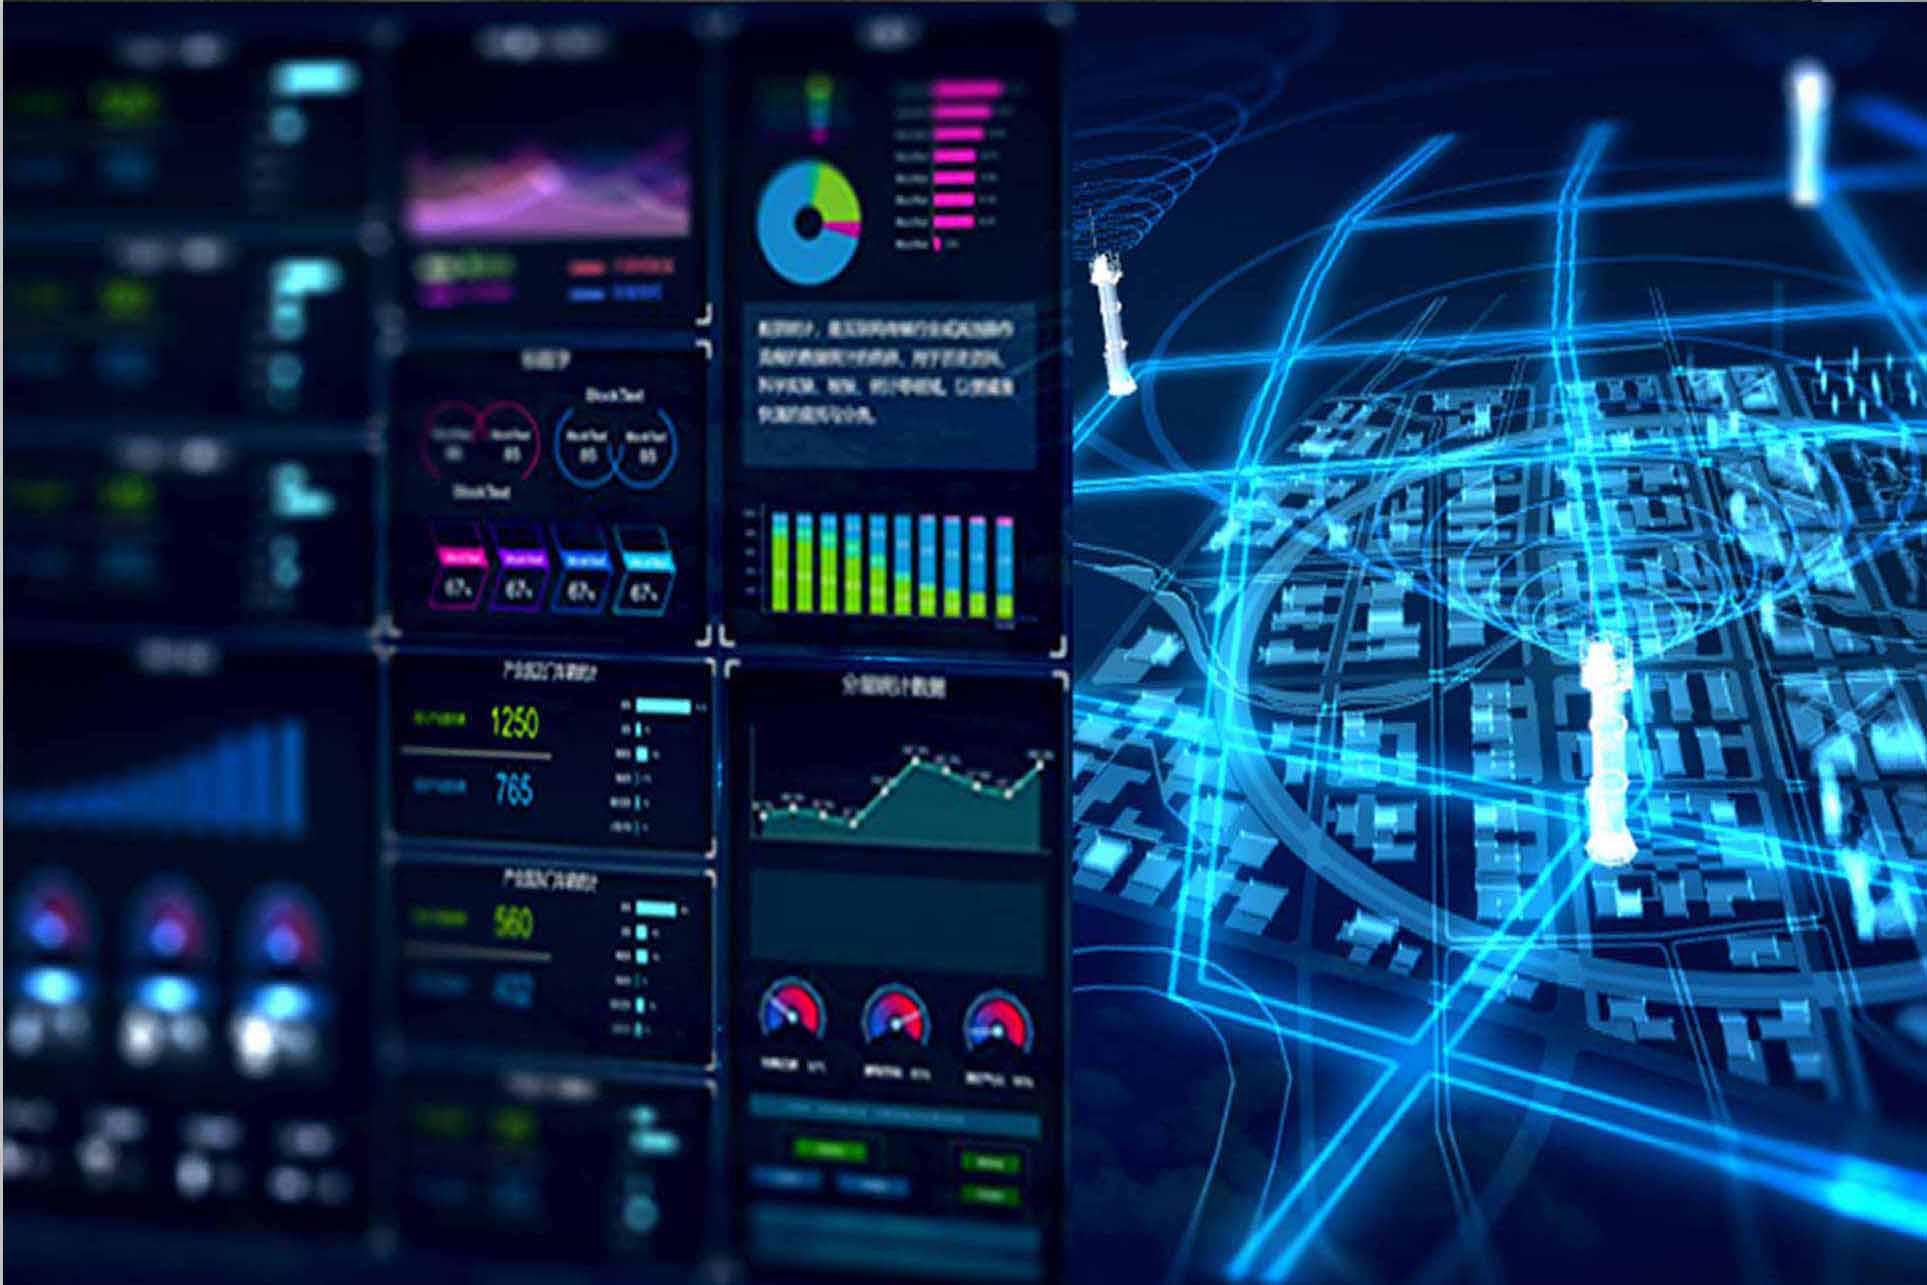 大數據可視化、數據邏輯分析、數據運營管理